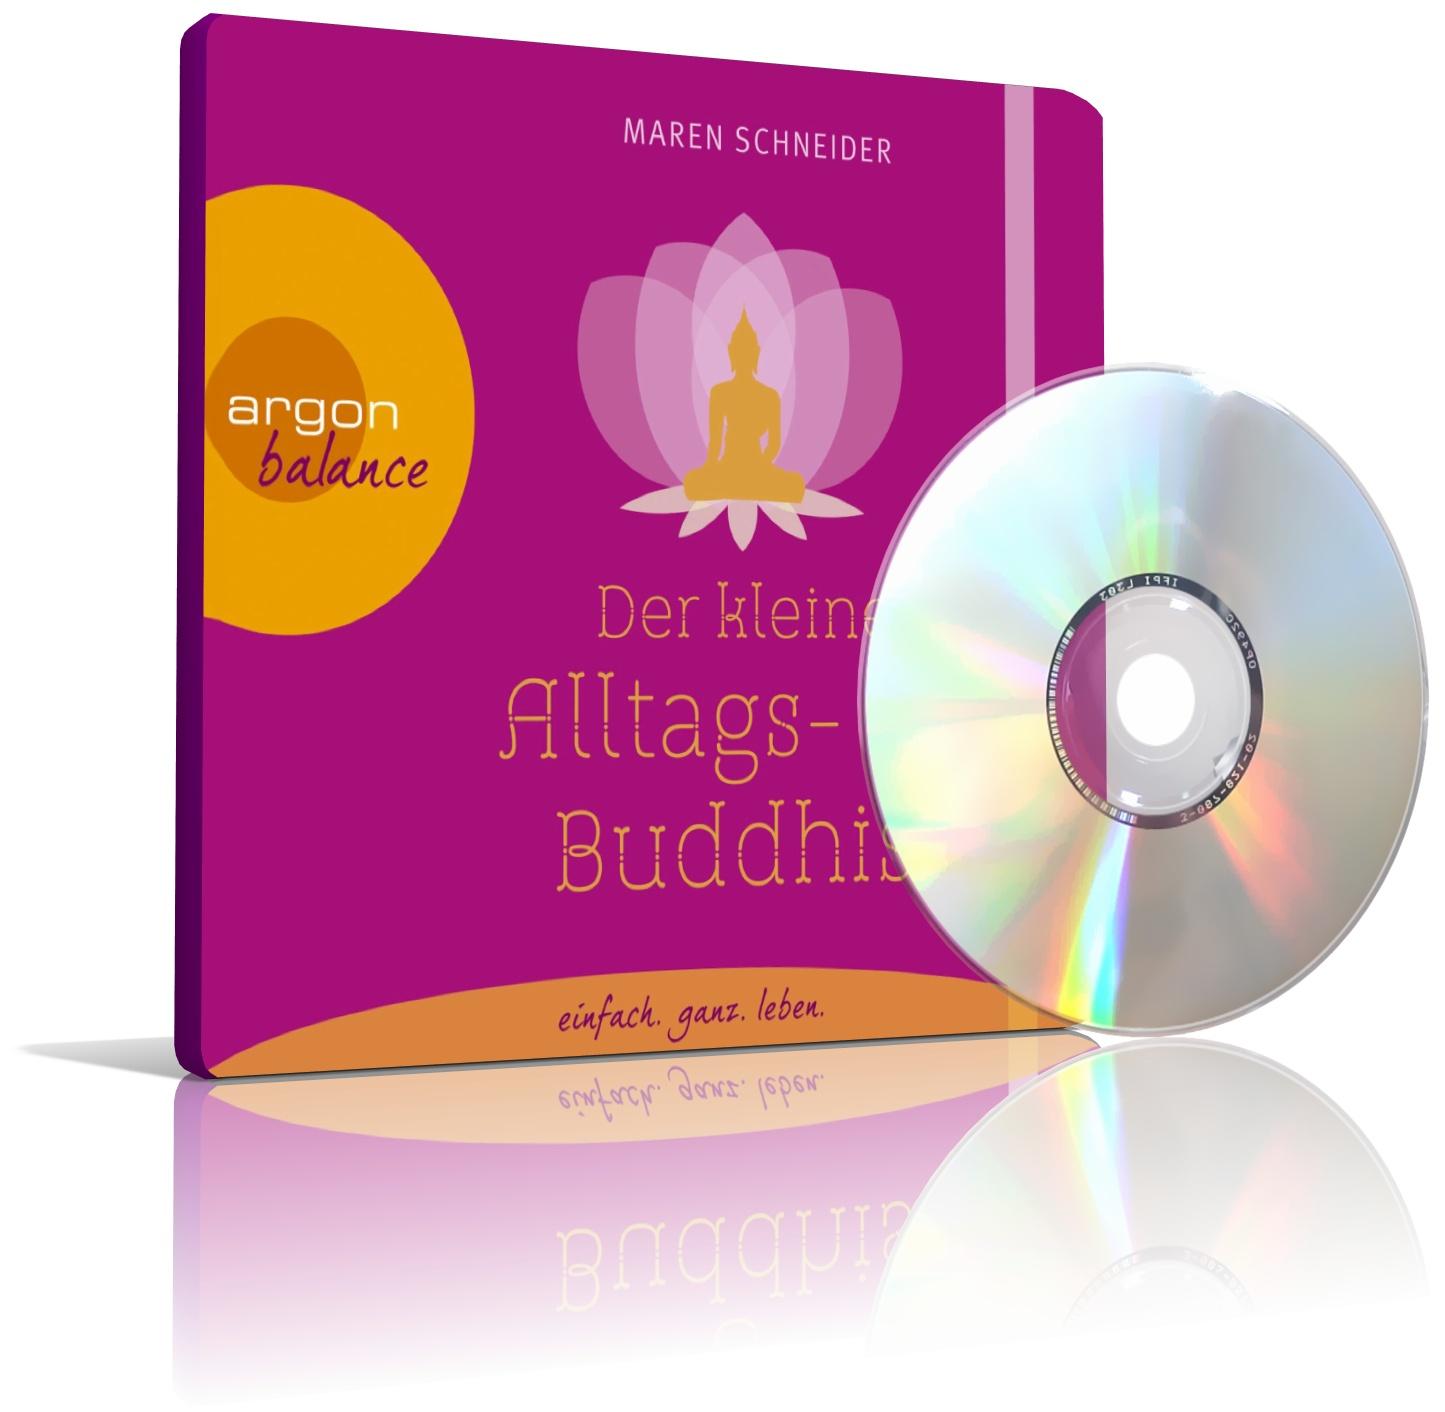 Der kleine Alltags Buddhist von Maren Schneider (CD)